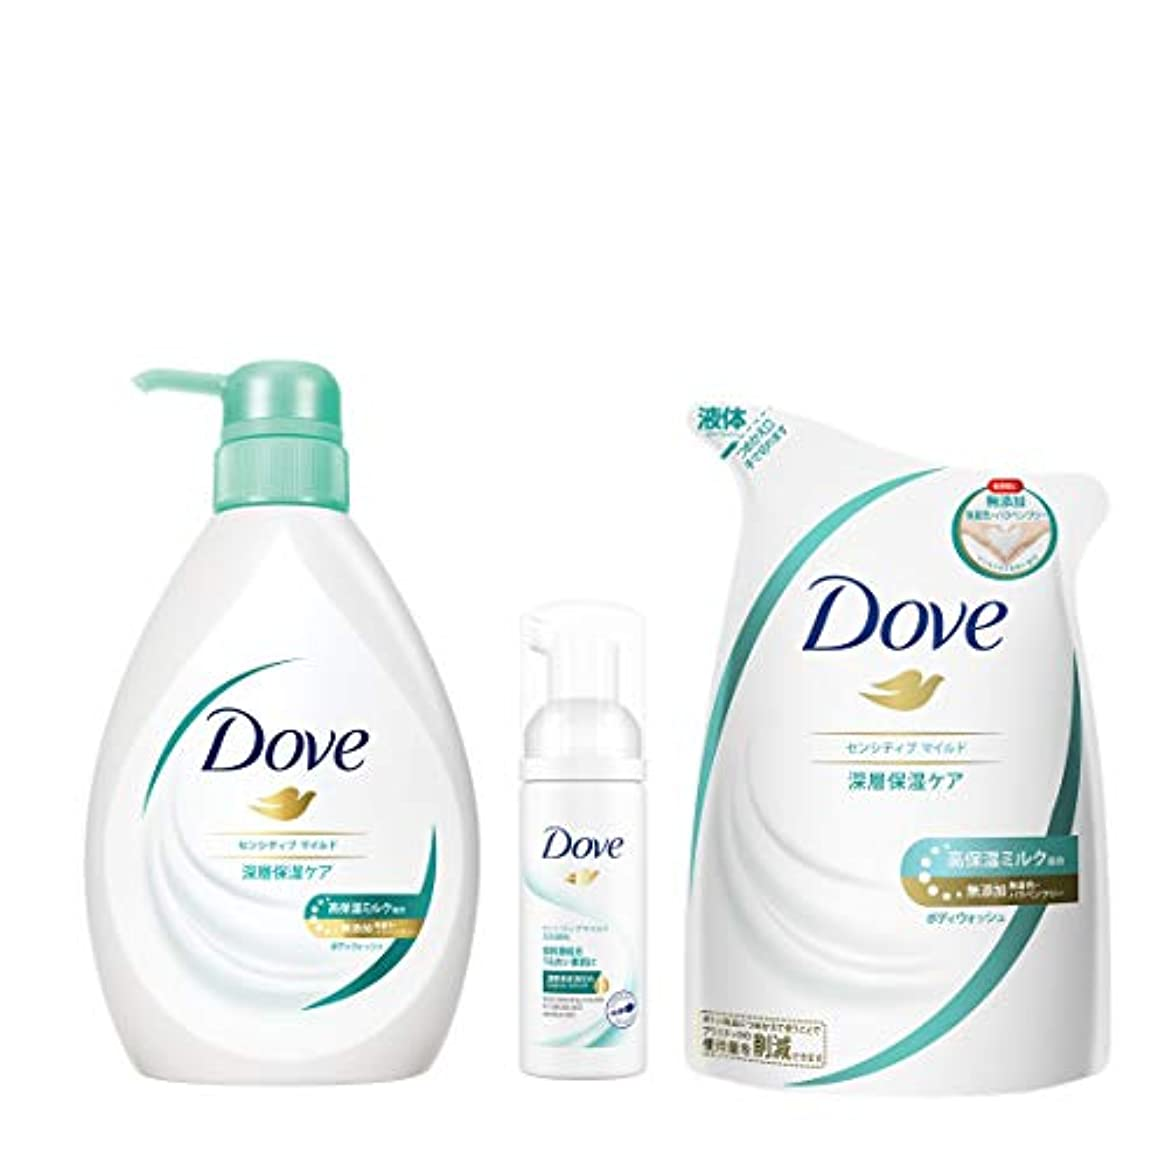 リマサーマルぬれた【Amazon.co.jp限定】 Dove(ダヴ) ダヴBWセンシティブマイルド ポンプ+替え+おまけ ボディソープ 500g+360+おまけ付